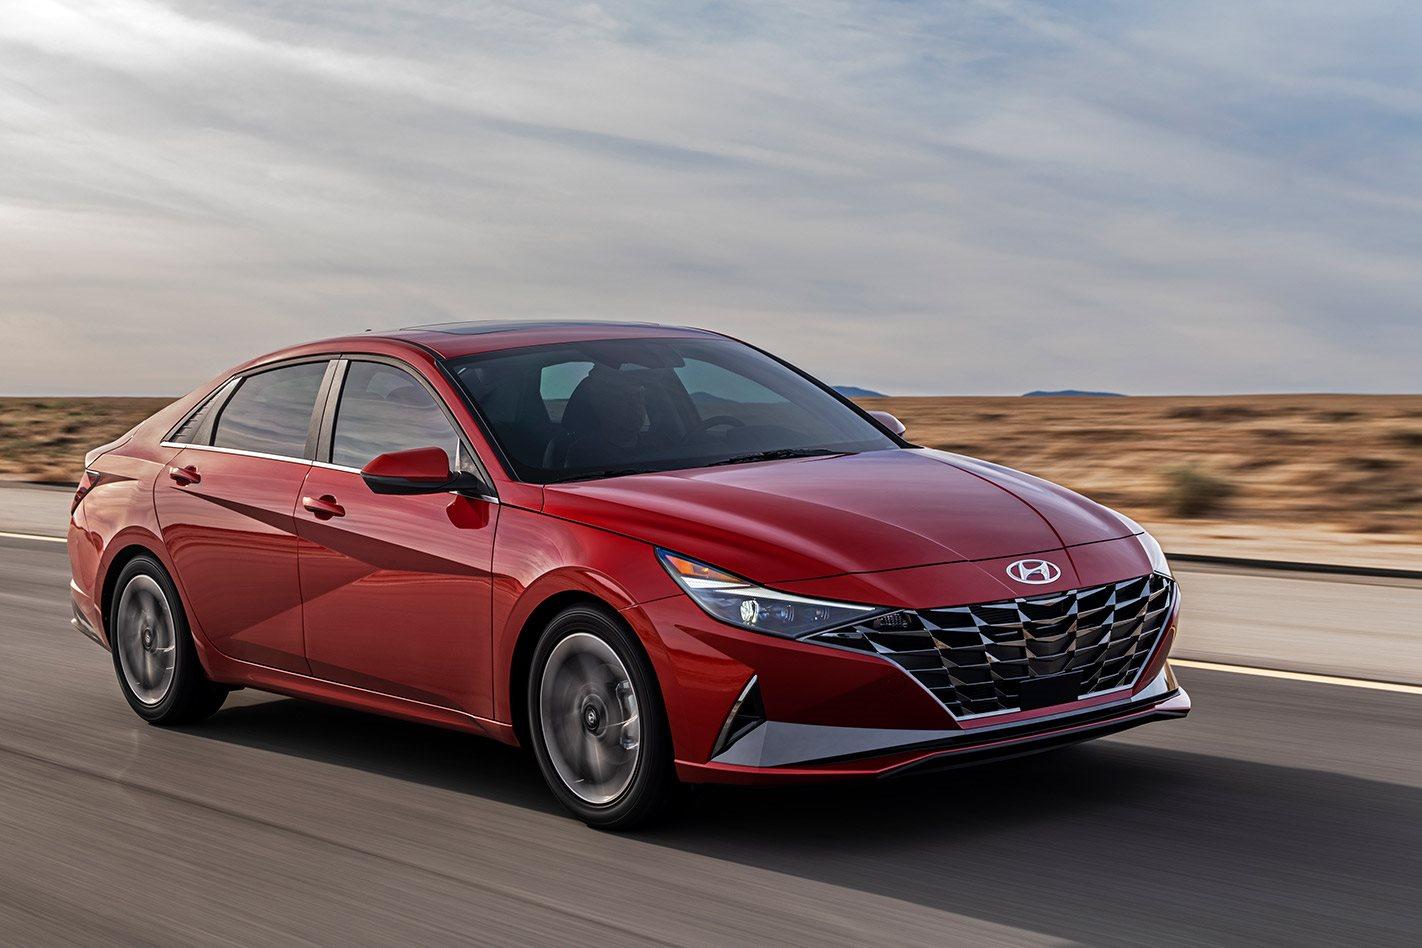 2020 Hyundai i30 Sedan revealed to replace Elantra